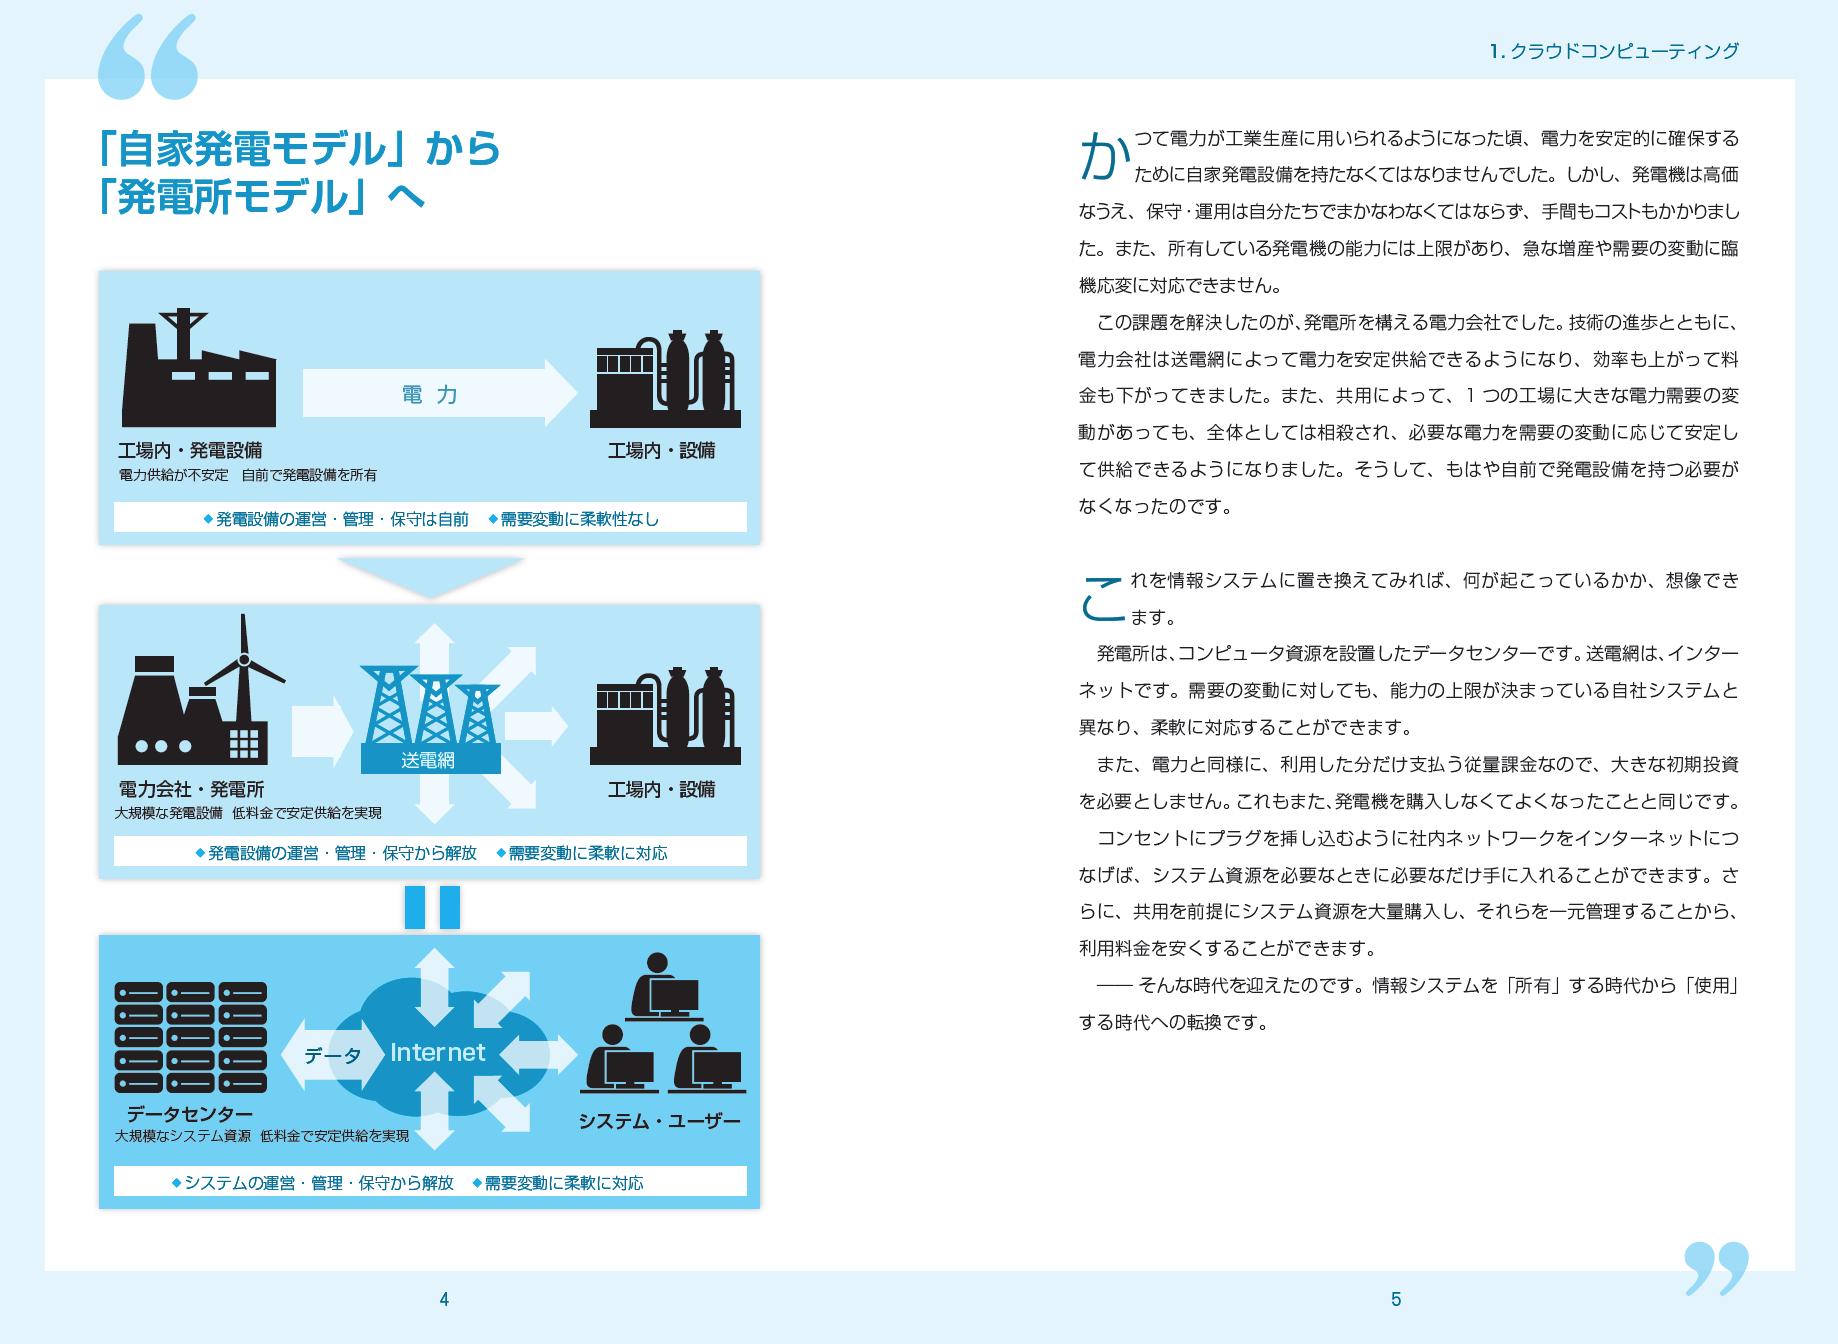 書籍内図表とパワーポイントサンプル libra